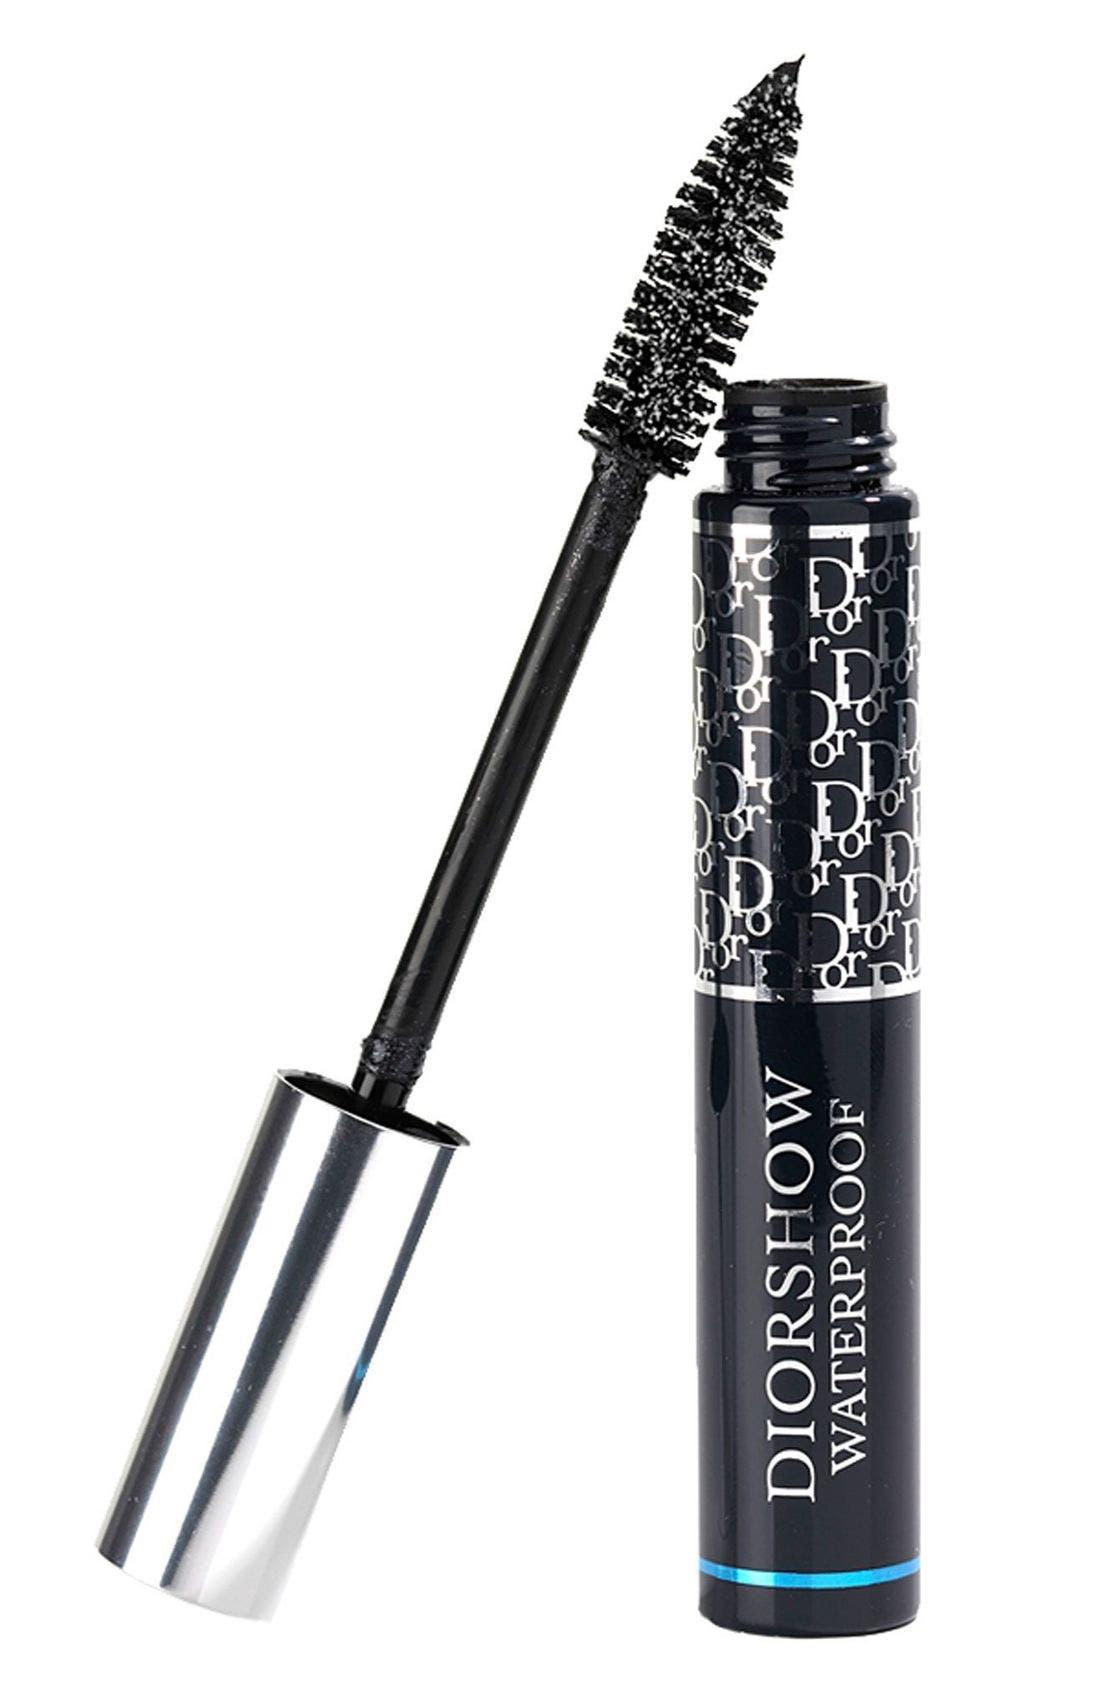 DIOR, Diorshow Waterproof Mascara, Main thumbnail 1, color, BLACK 090